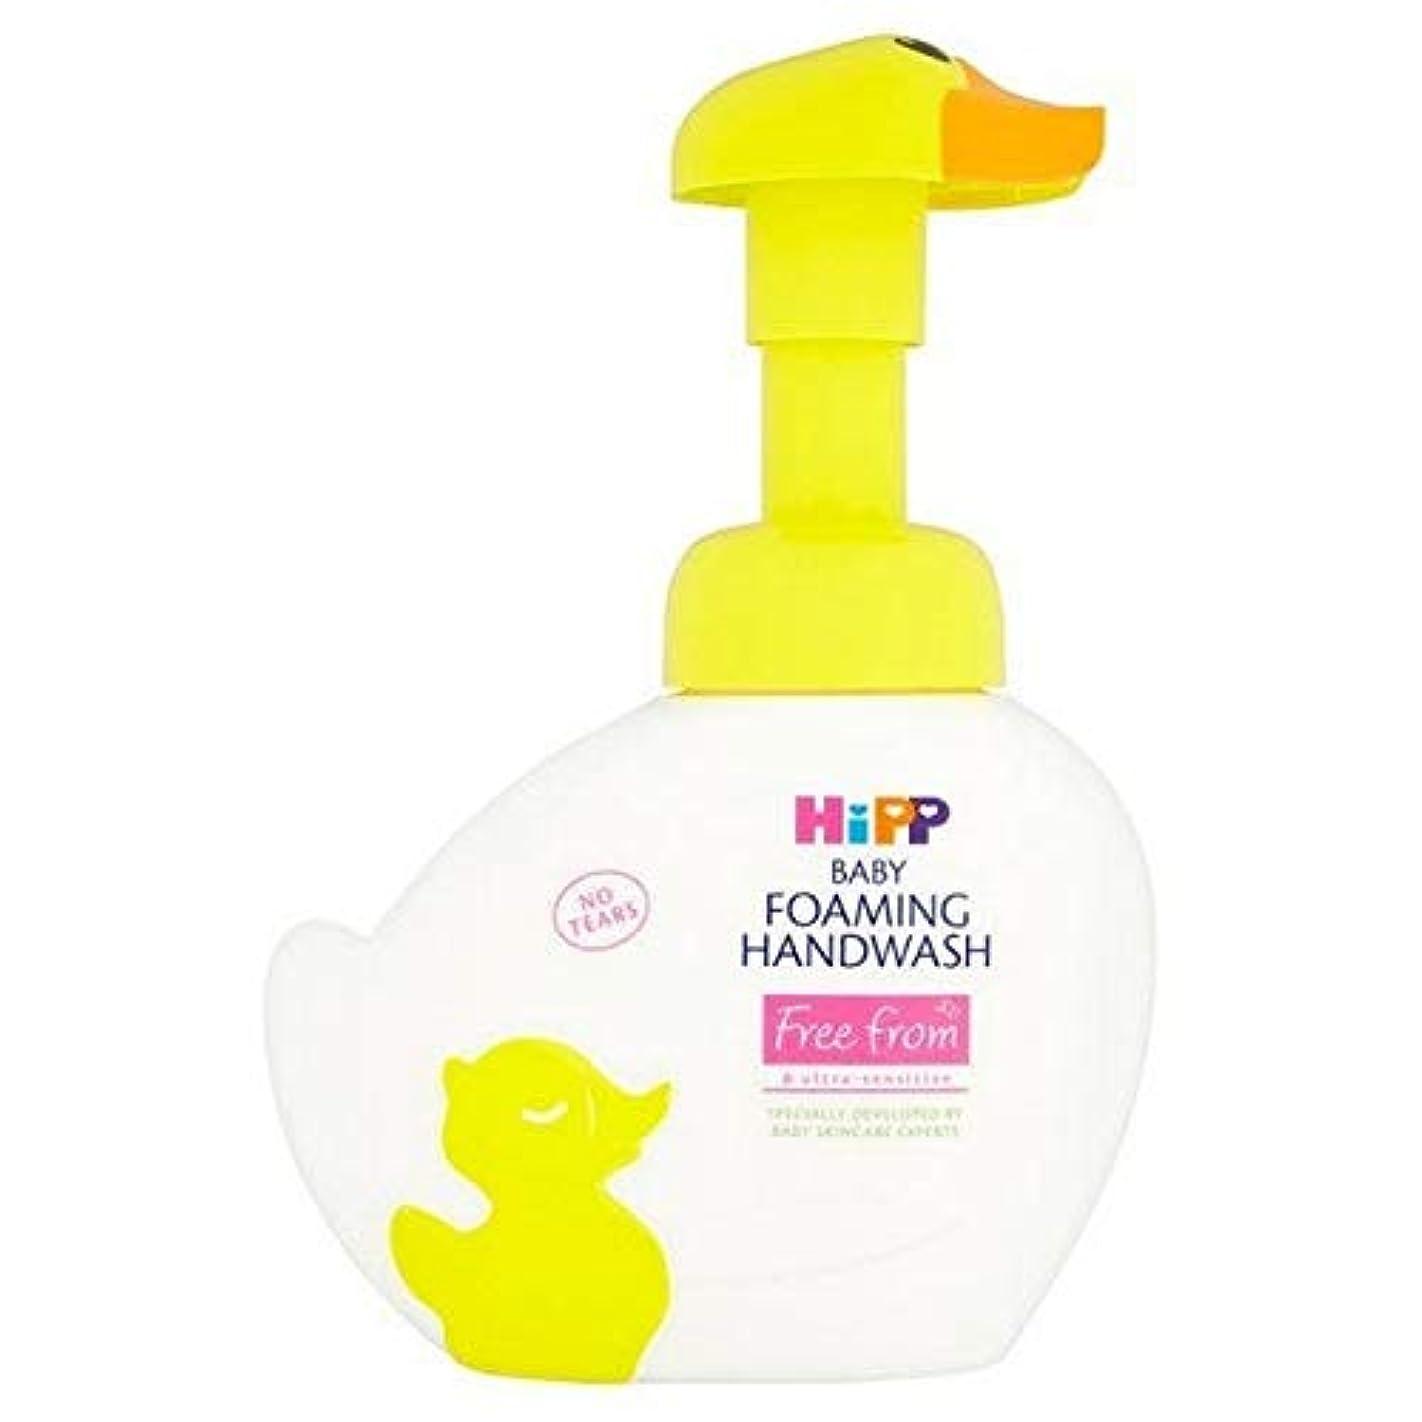 洗練されたロードブロッキング状況[Hipp ] ヒップ自由手洗いの250ミリリットルを発泡から - HiPP Free From Foaming Handwash 250ml [並行輸入品]